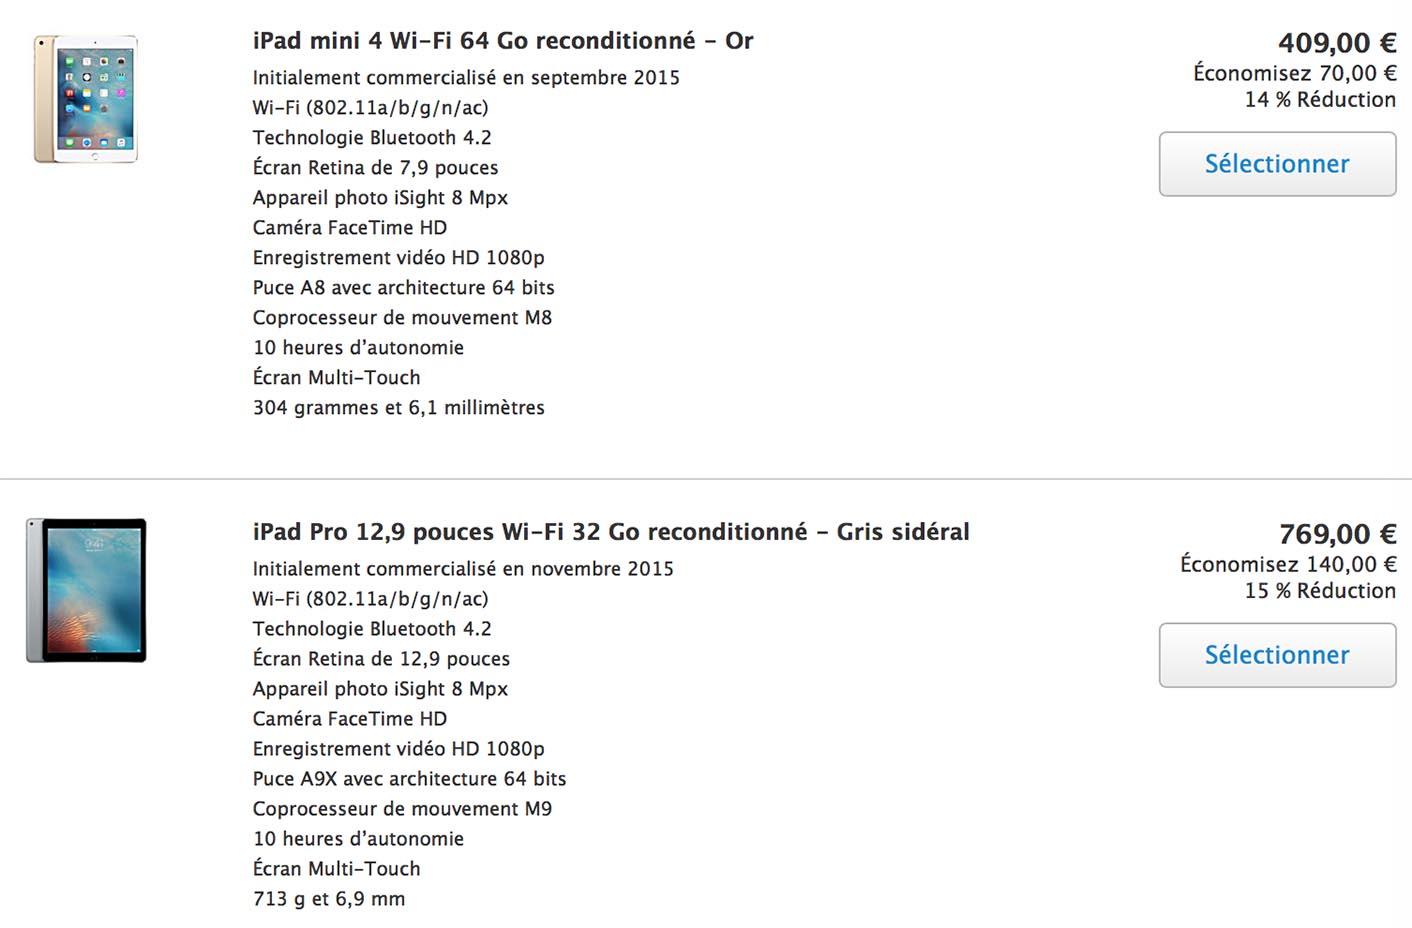 iPad Refurb